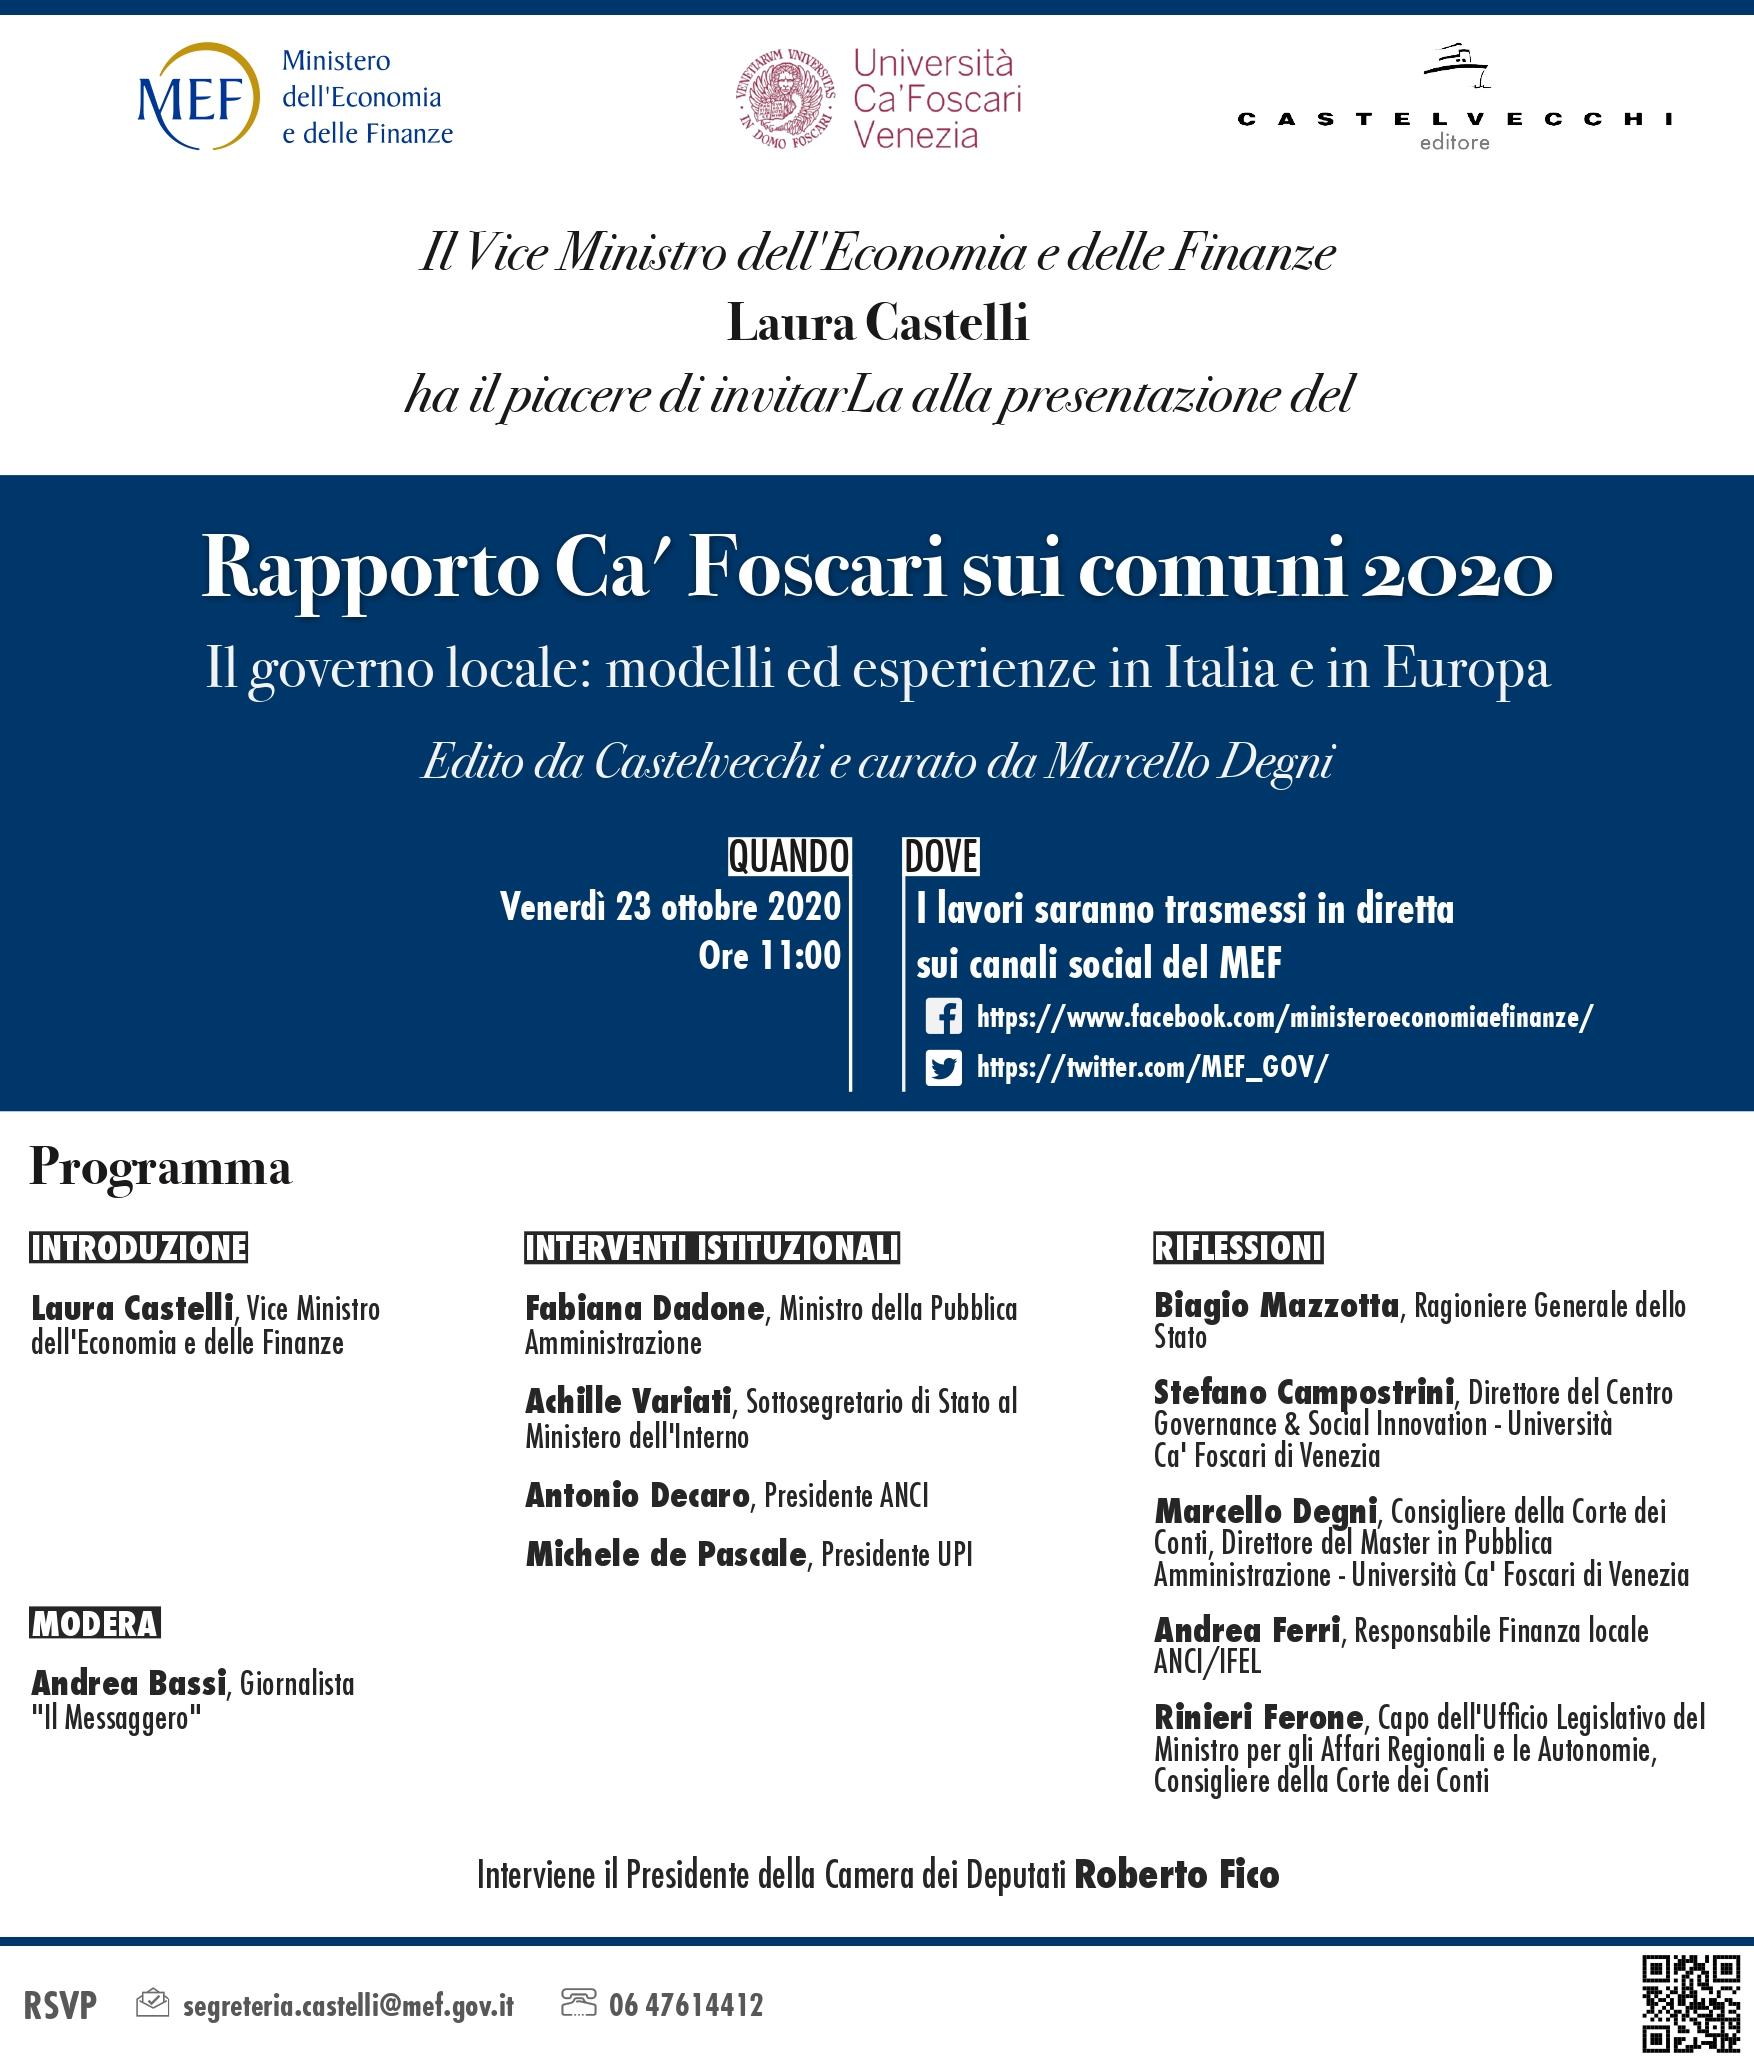 Rapporto Ca' Foscari 2020